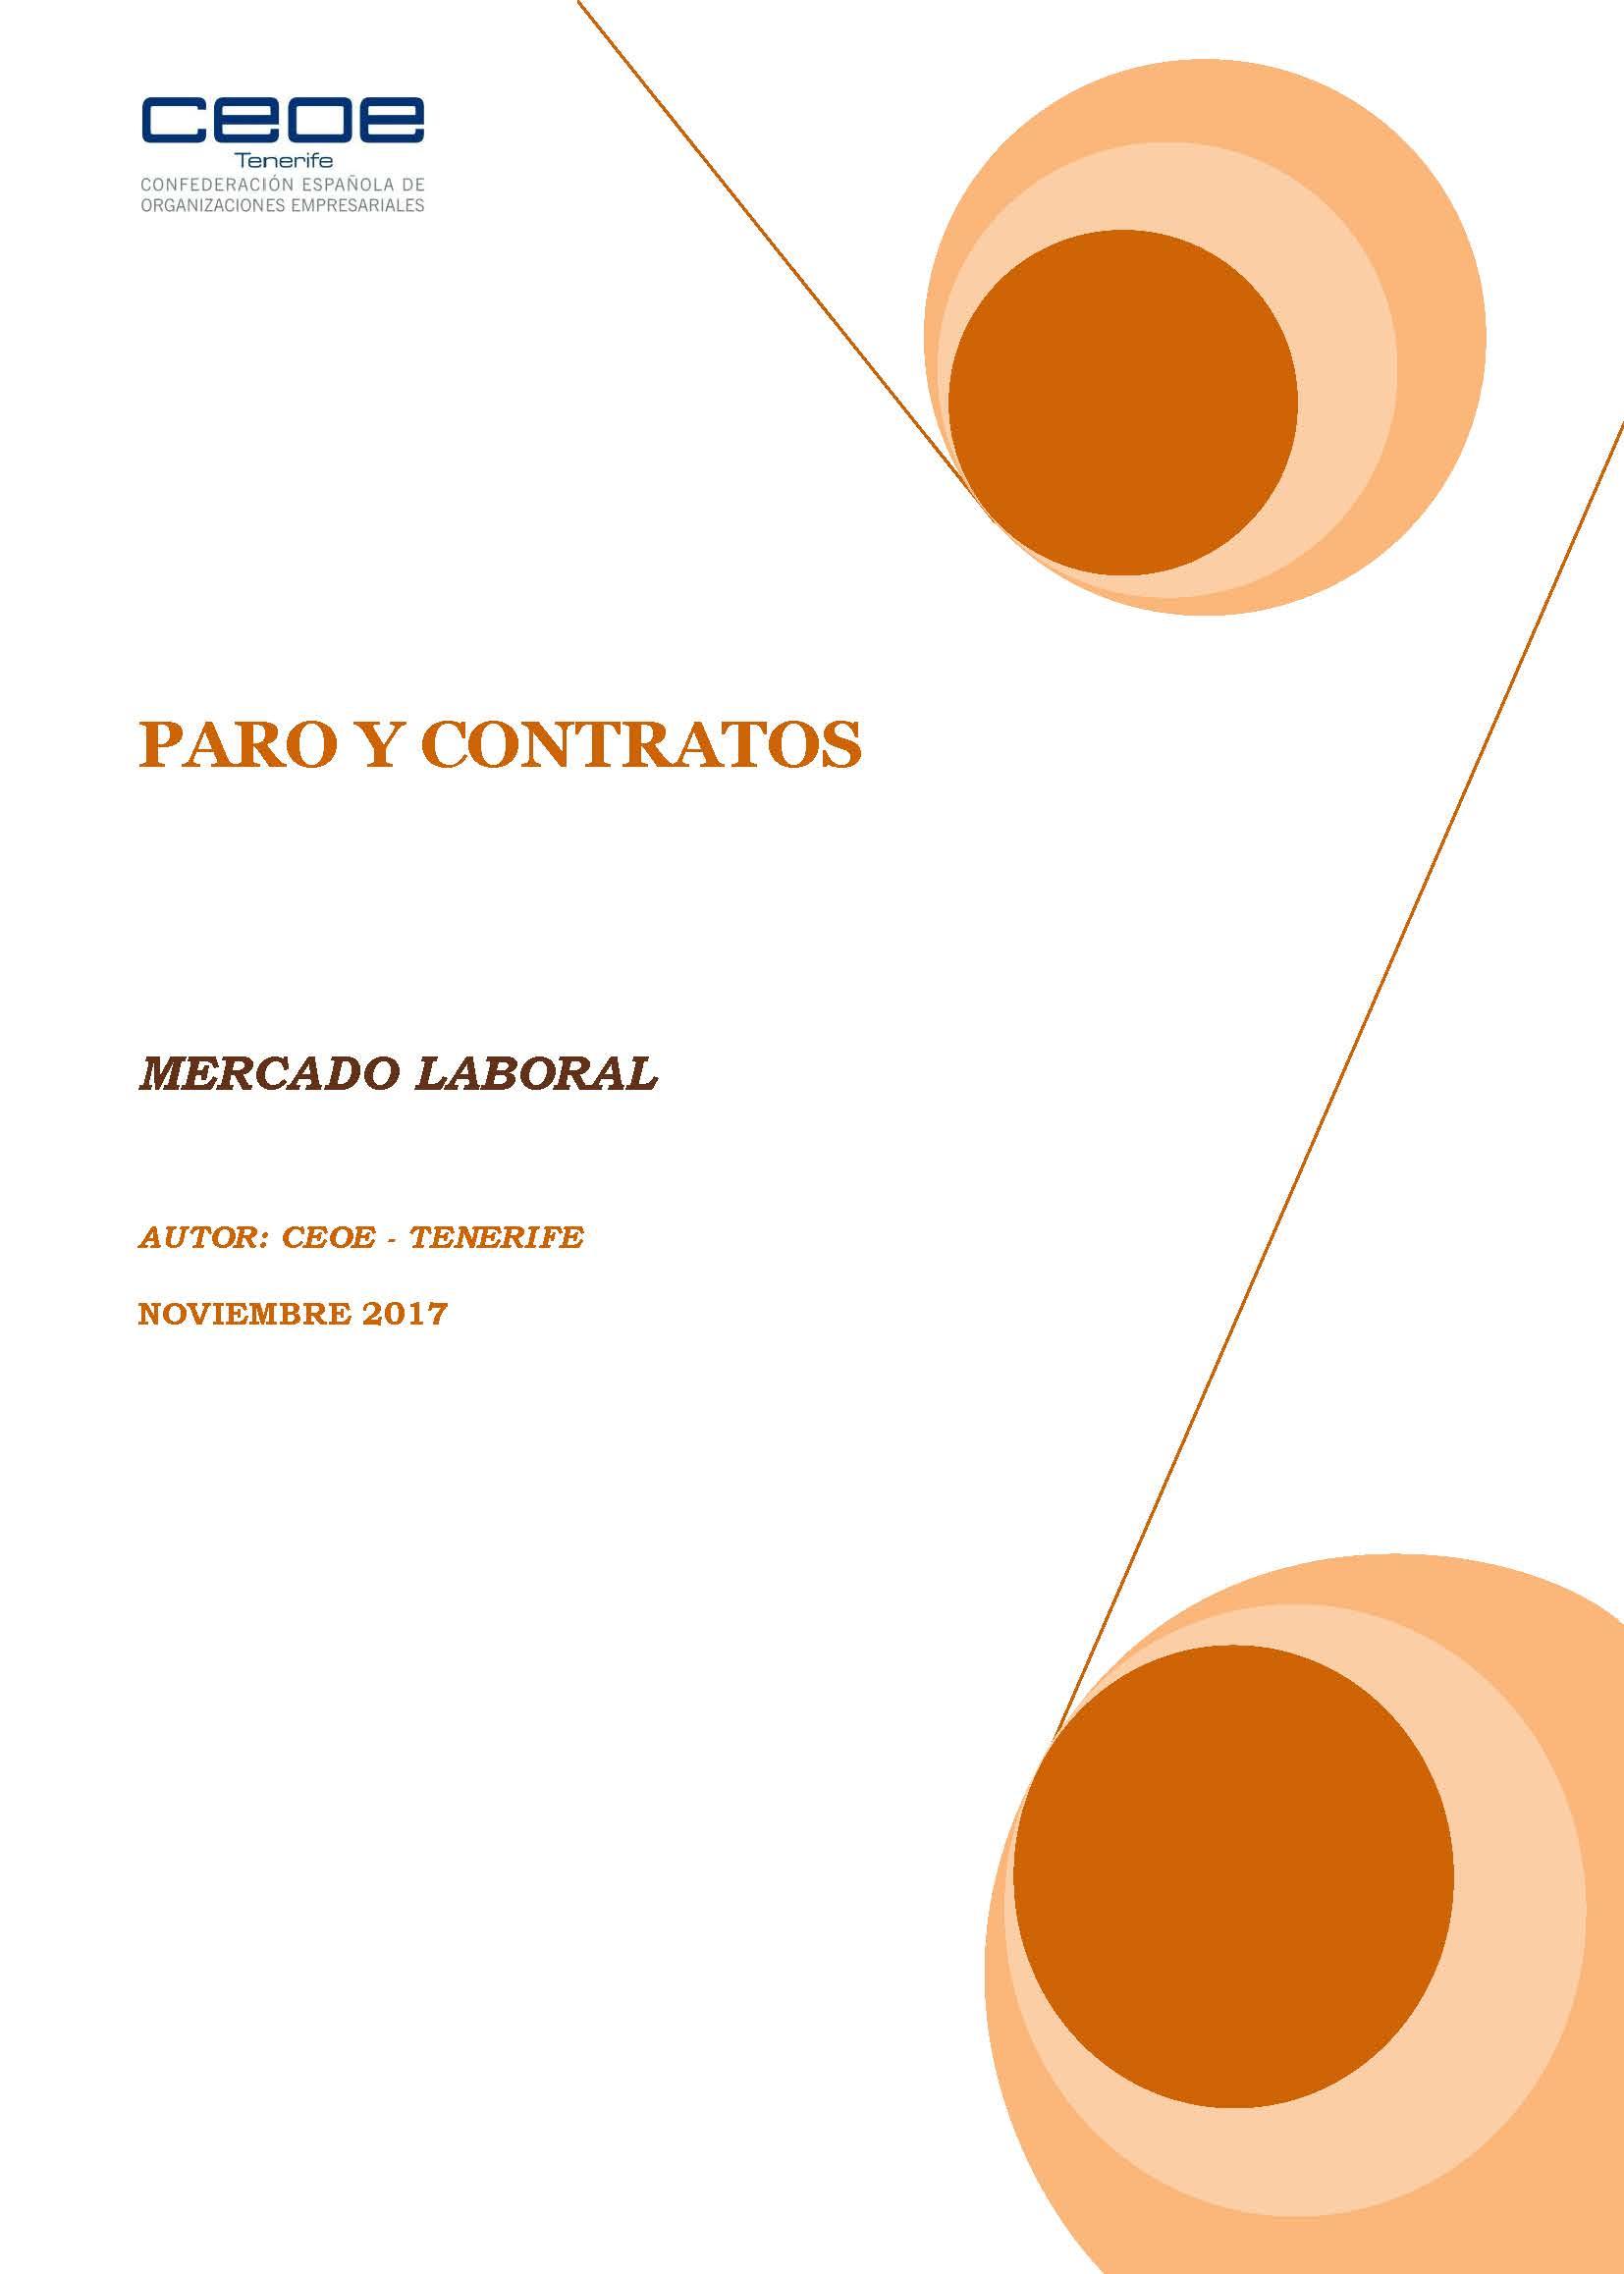 MERCADO LABORAL - PARO Y CONTRATOS NOVIEMBRE 2017